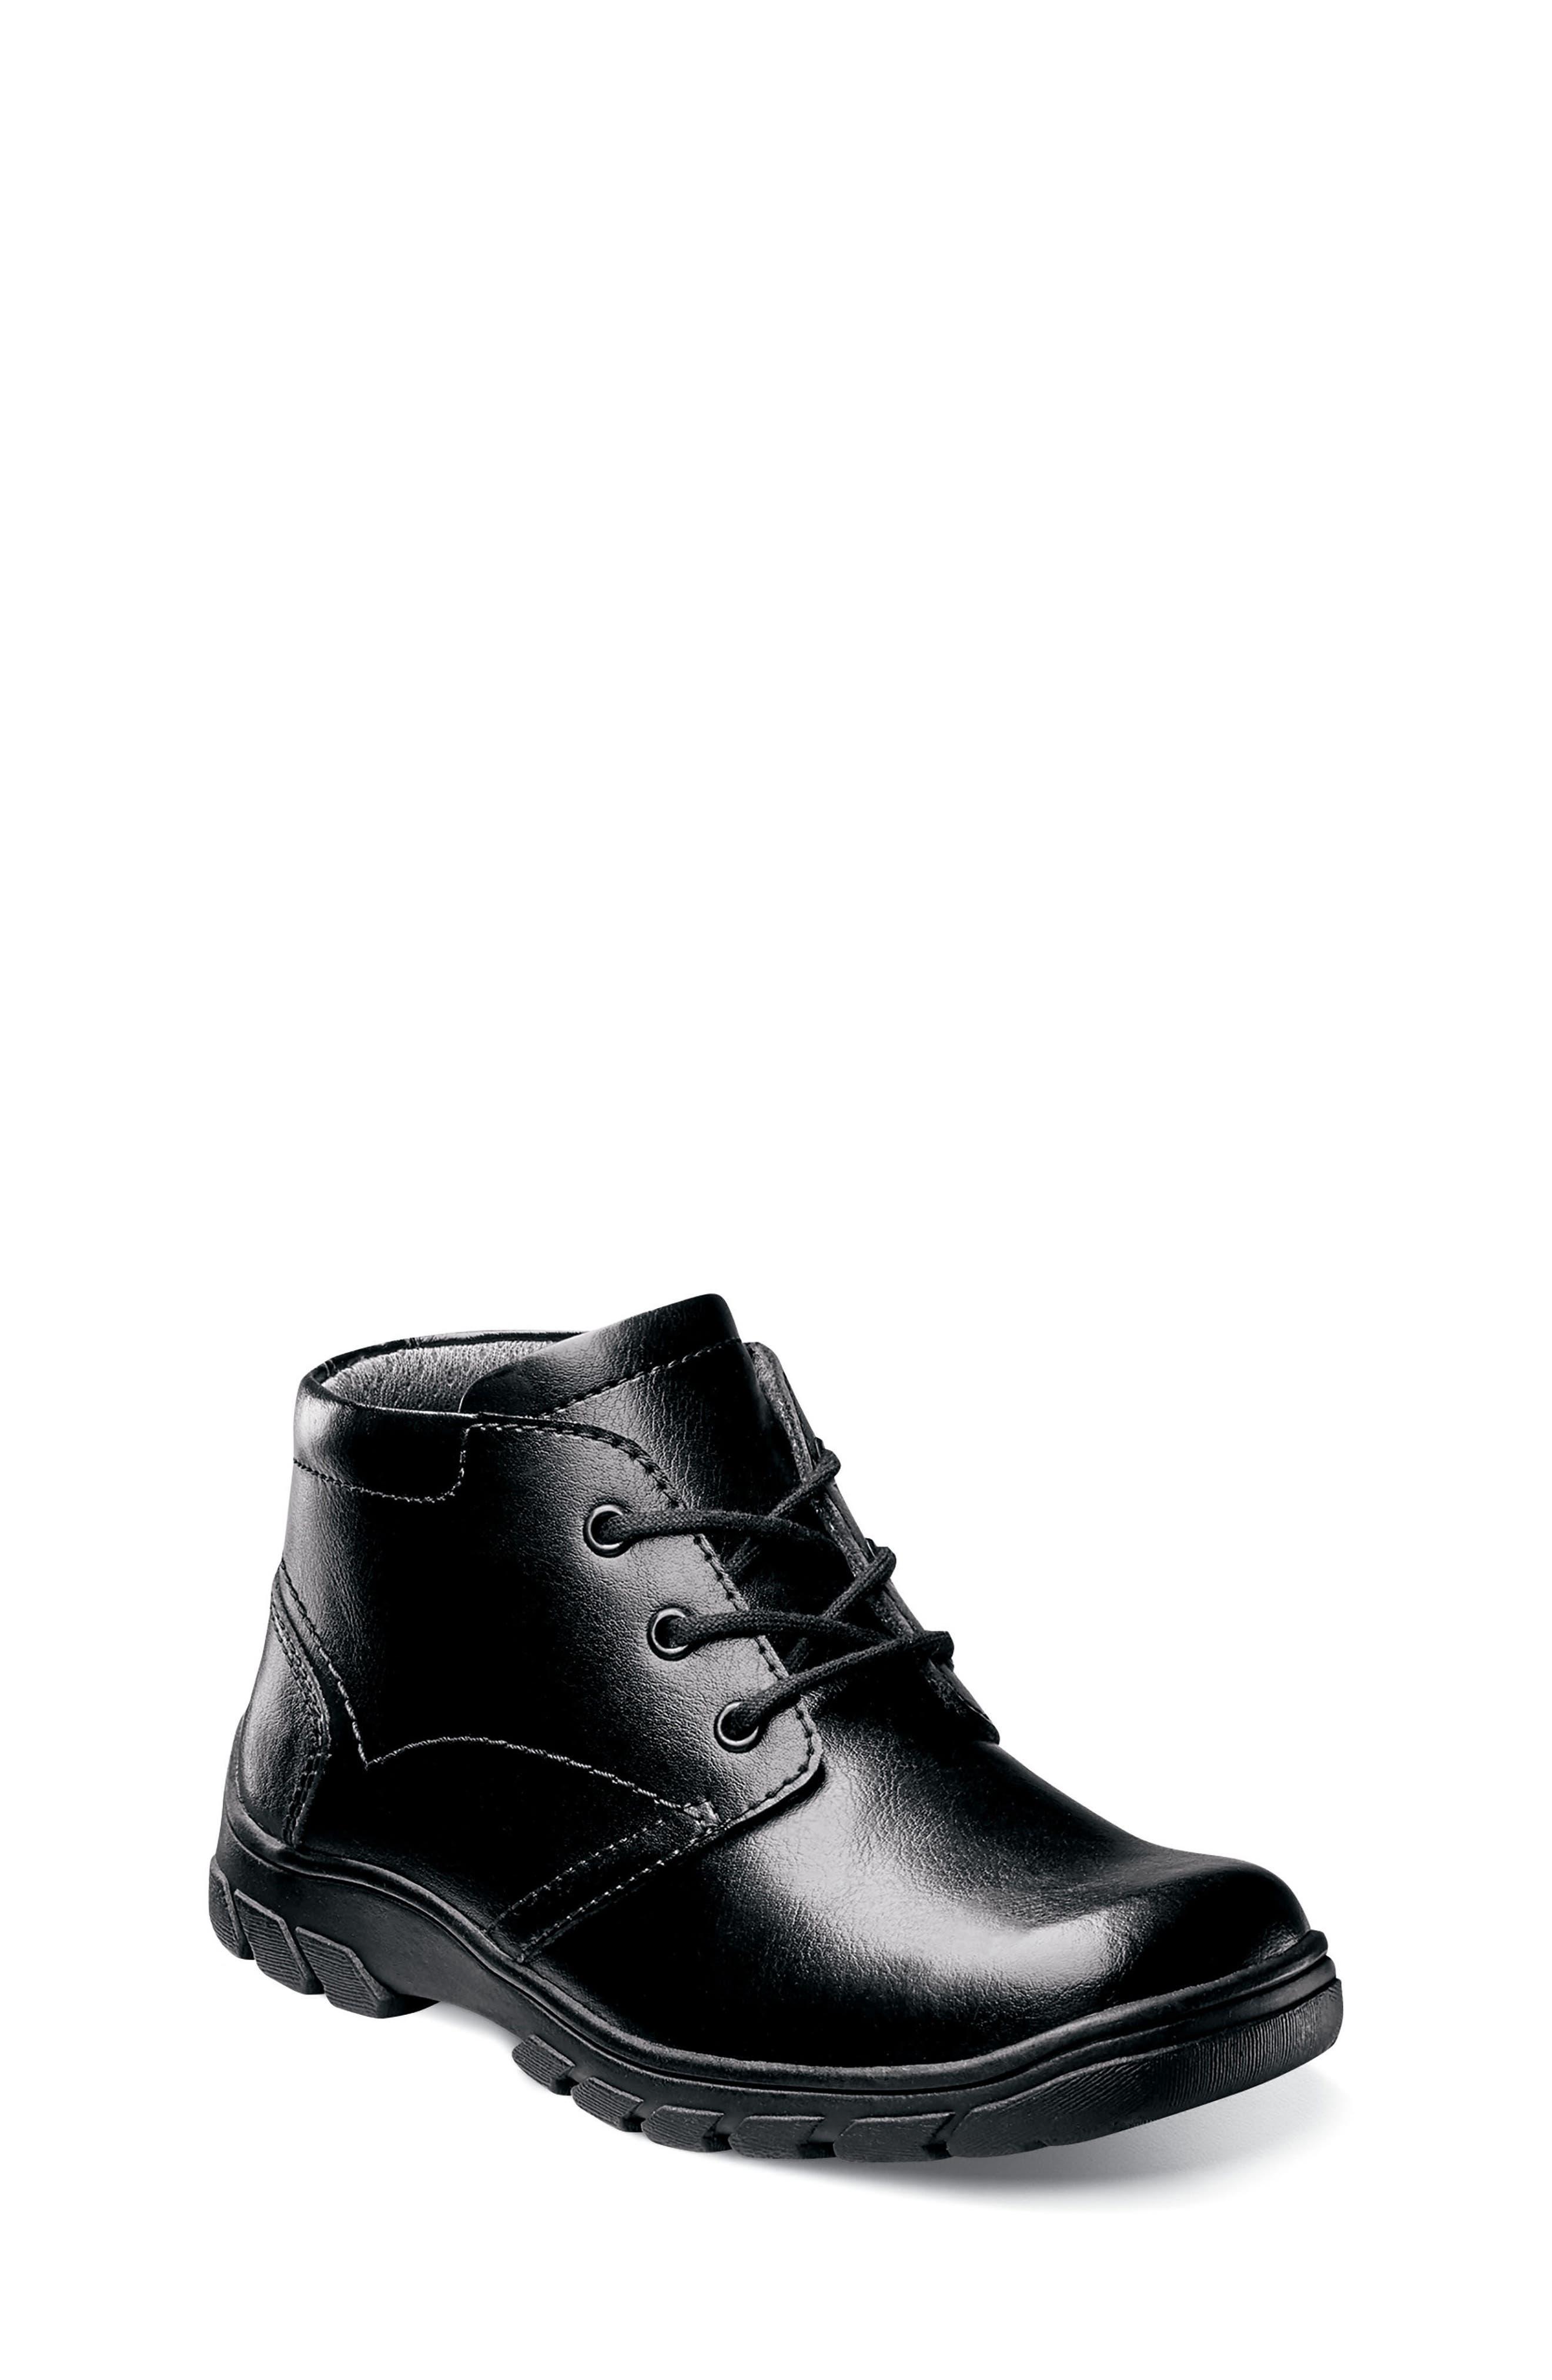 Getaway Low Boot,                         Main,                         color, 001